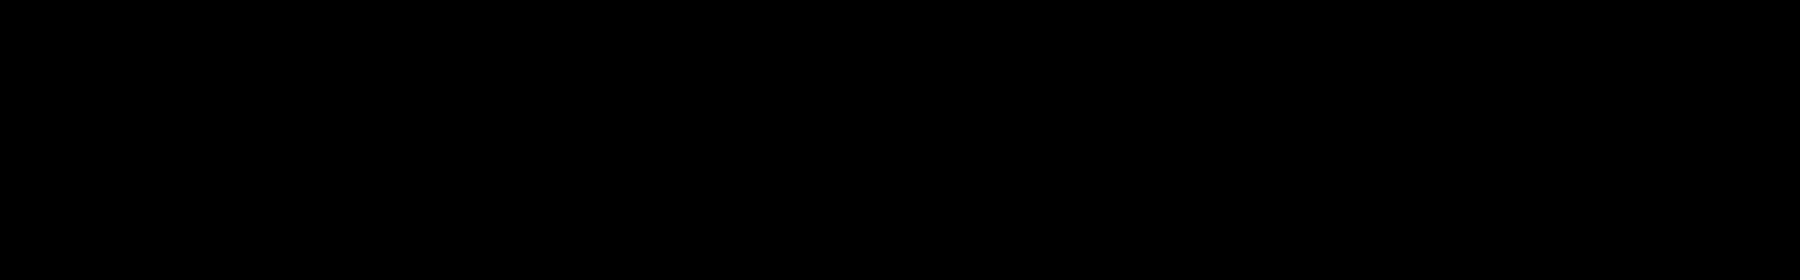 AHEE's Area 51 audio waveform